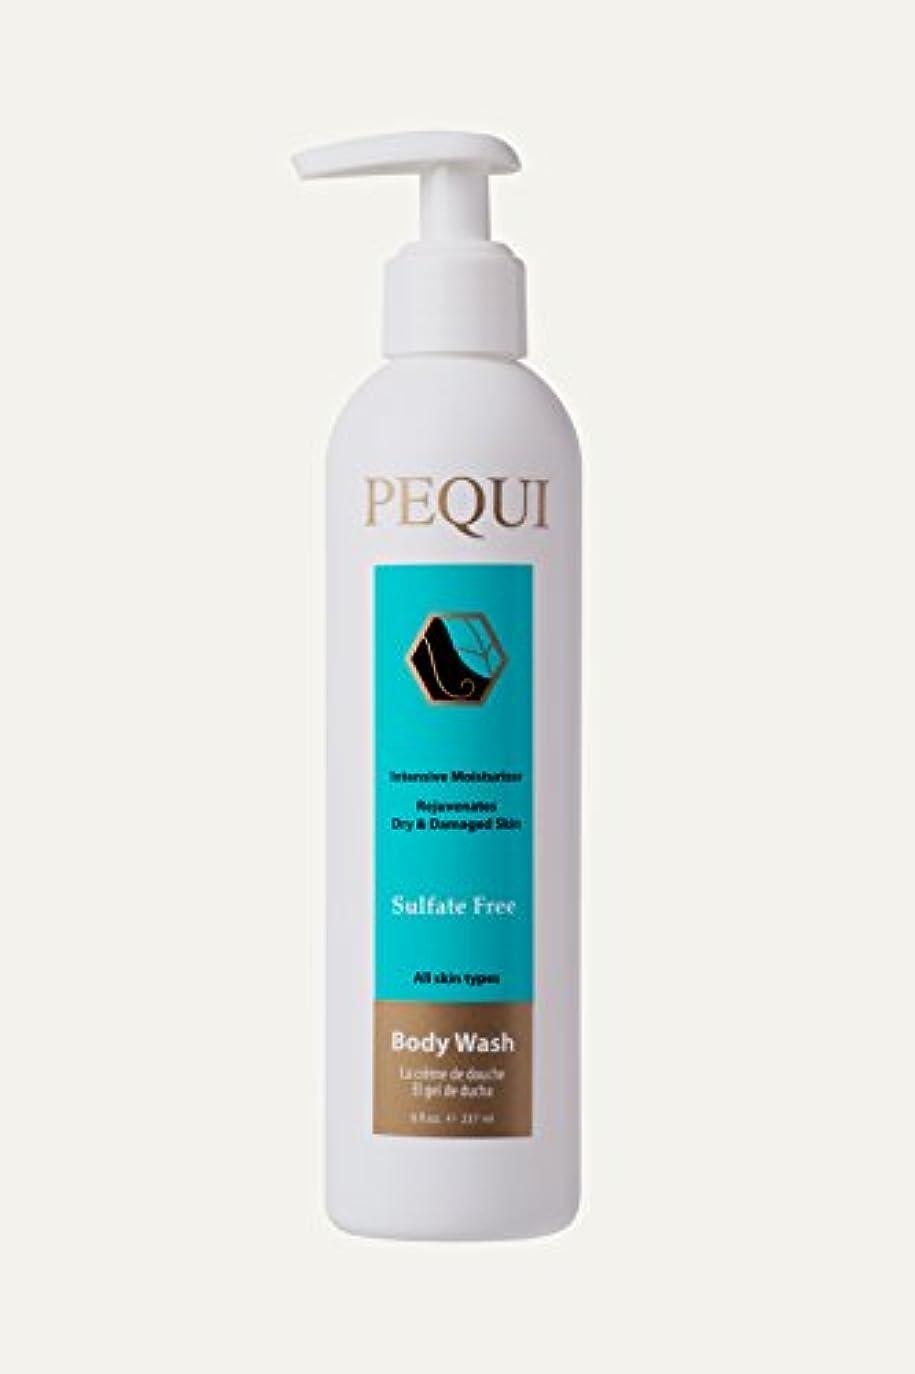 スクラブ毒性バックBioken Pequi Body Wash 8.0 oz by Bioken